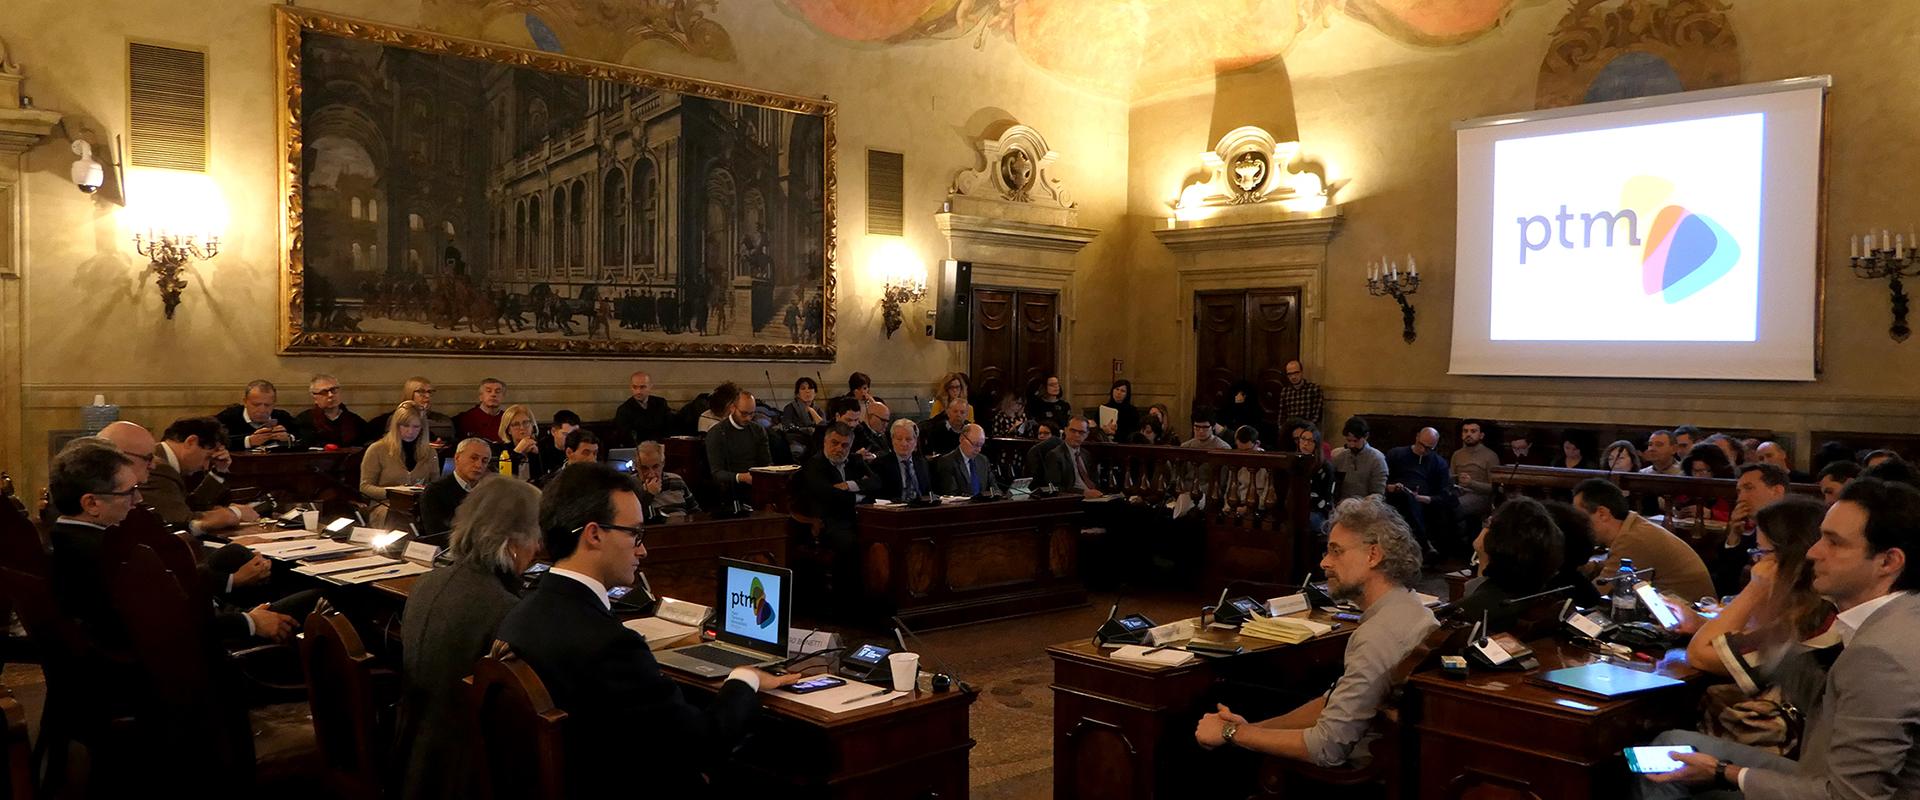 Foto dell'incontro in Città metropolitana